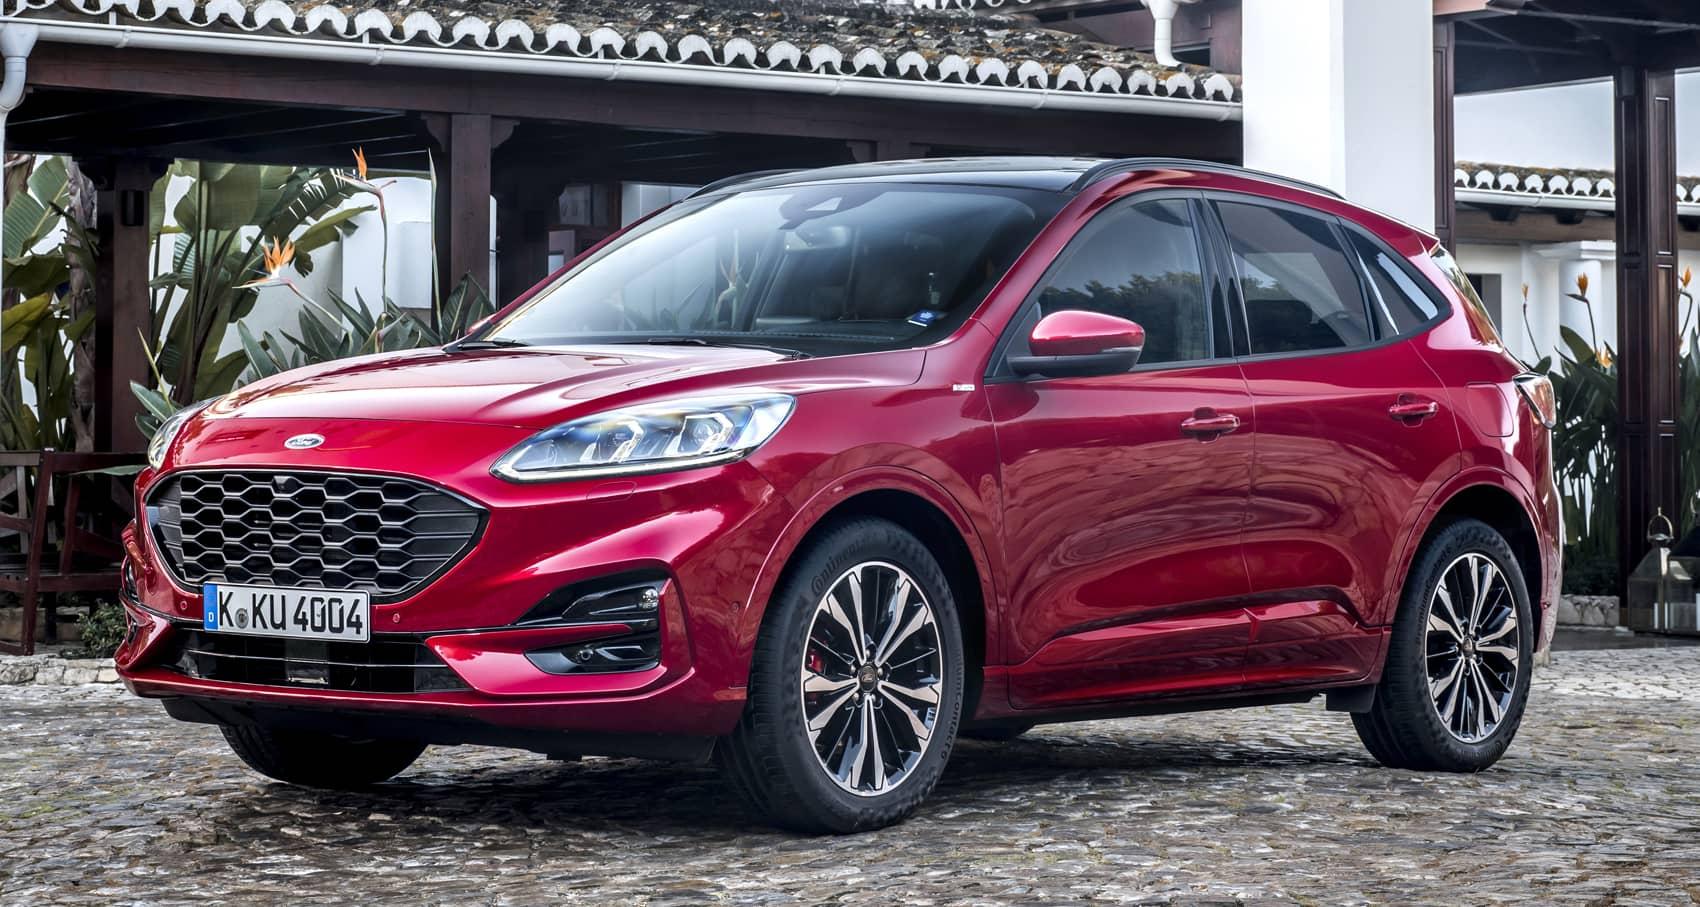 Precios Ford Kuga HEV 2021 - Descubre las ofertas del Ford ...